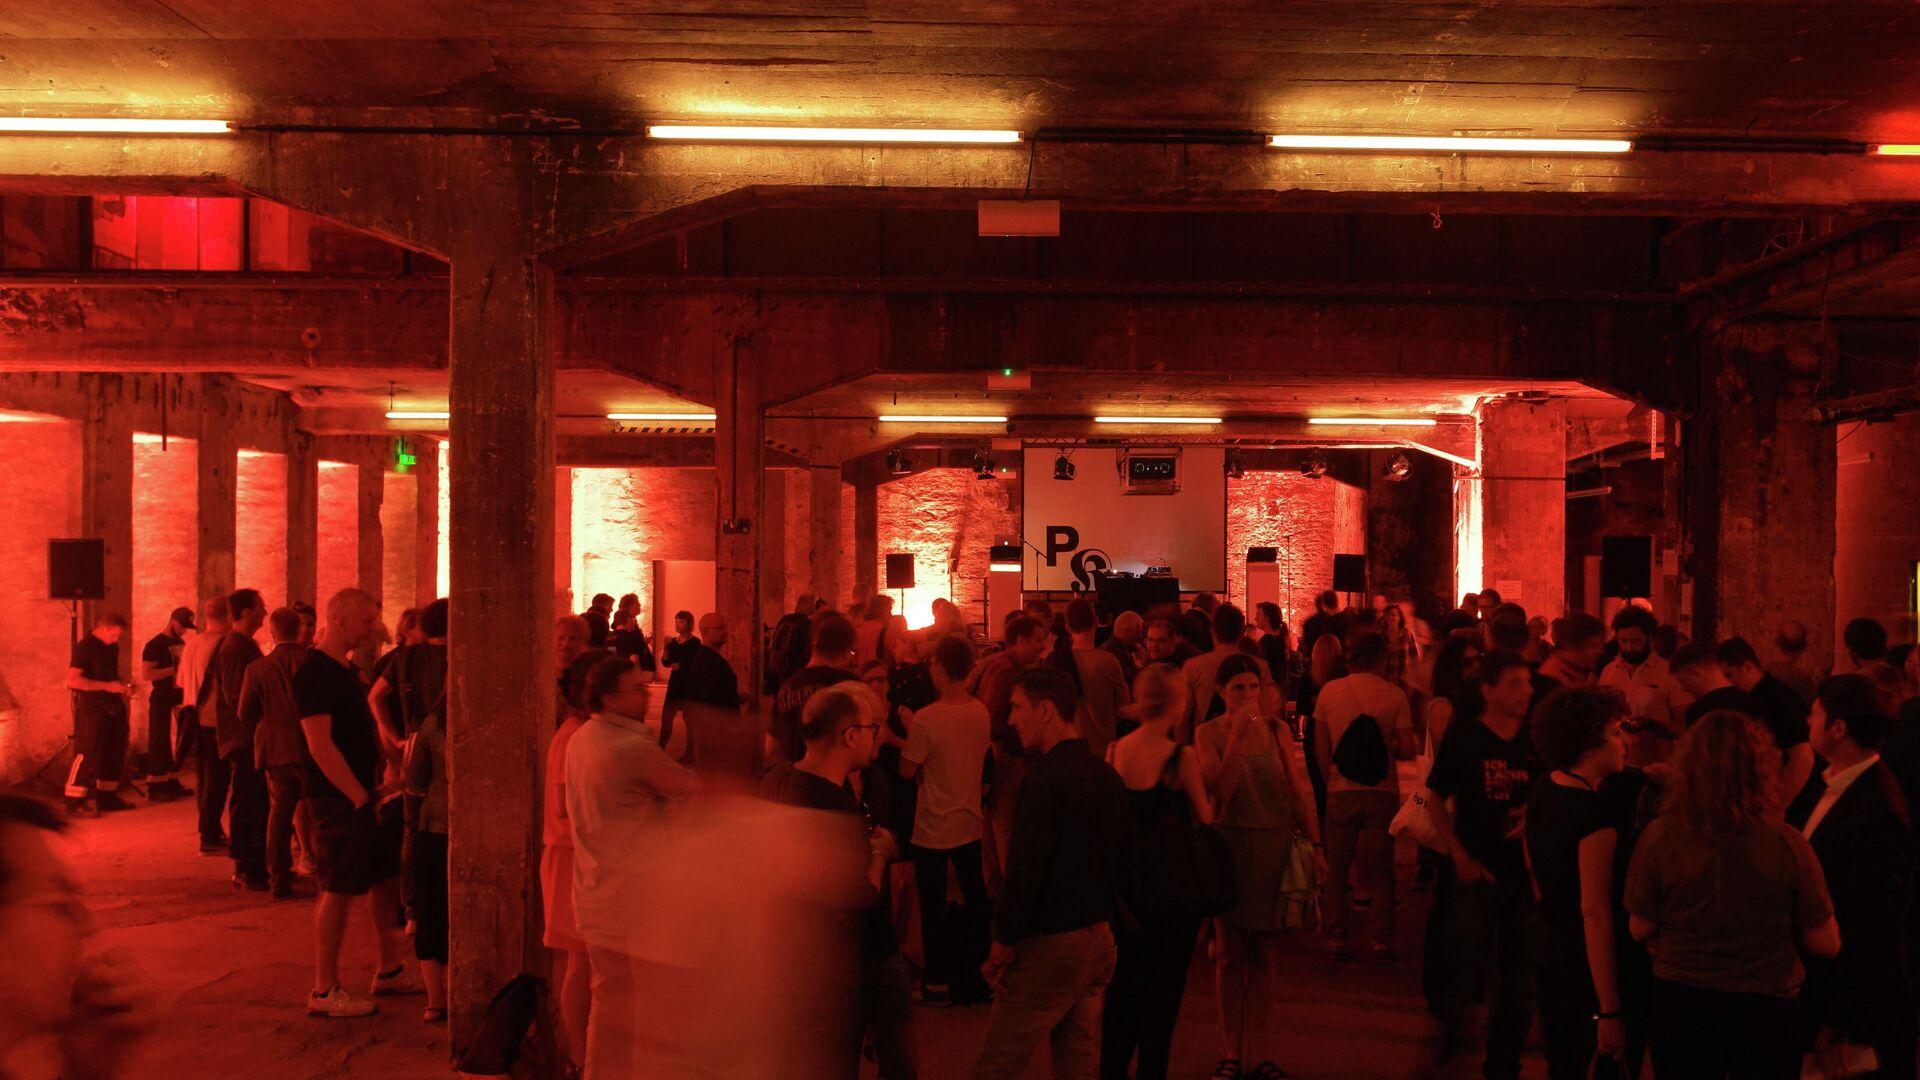 Ночной клуб в москве на выхино хороший клуб ночной